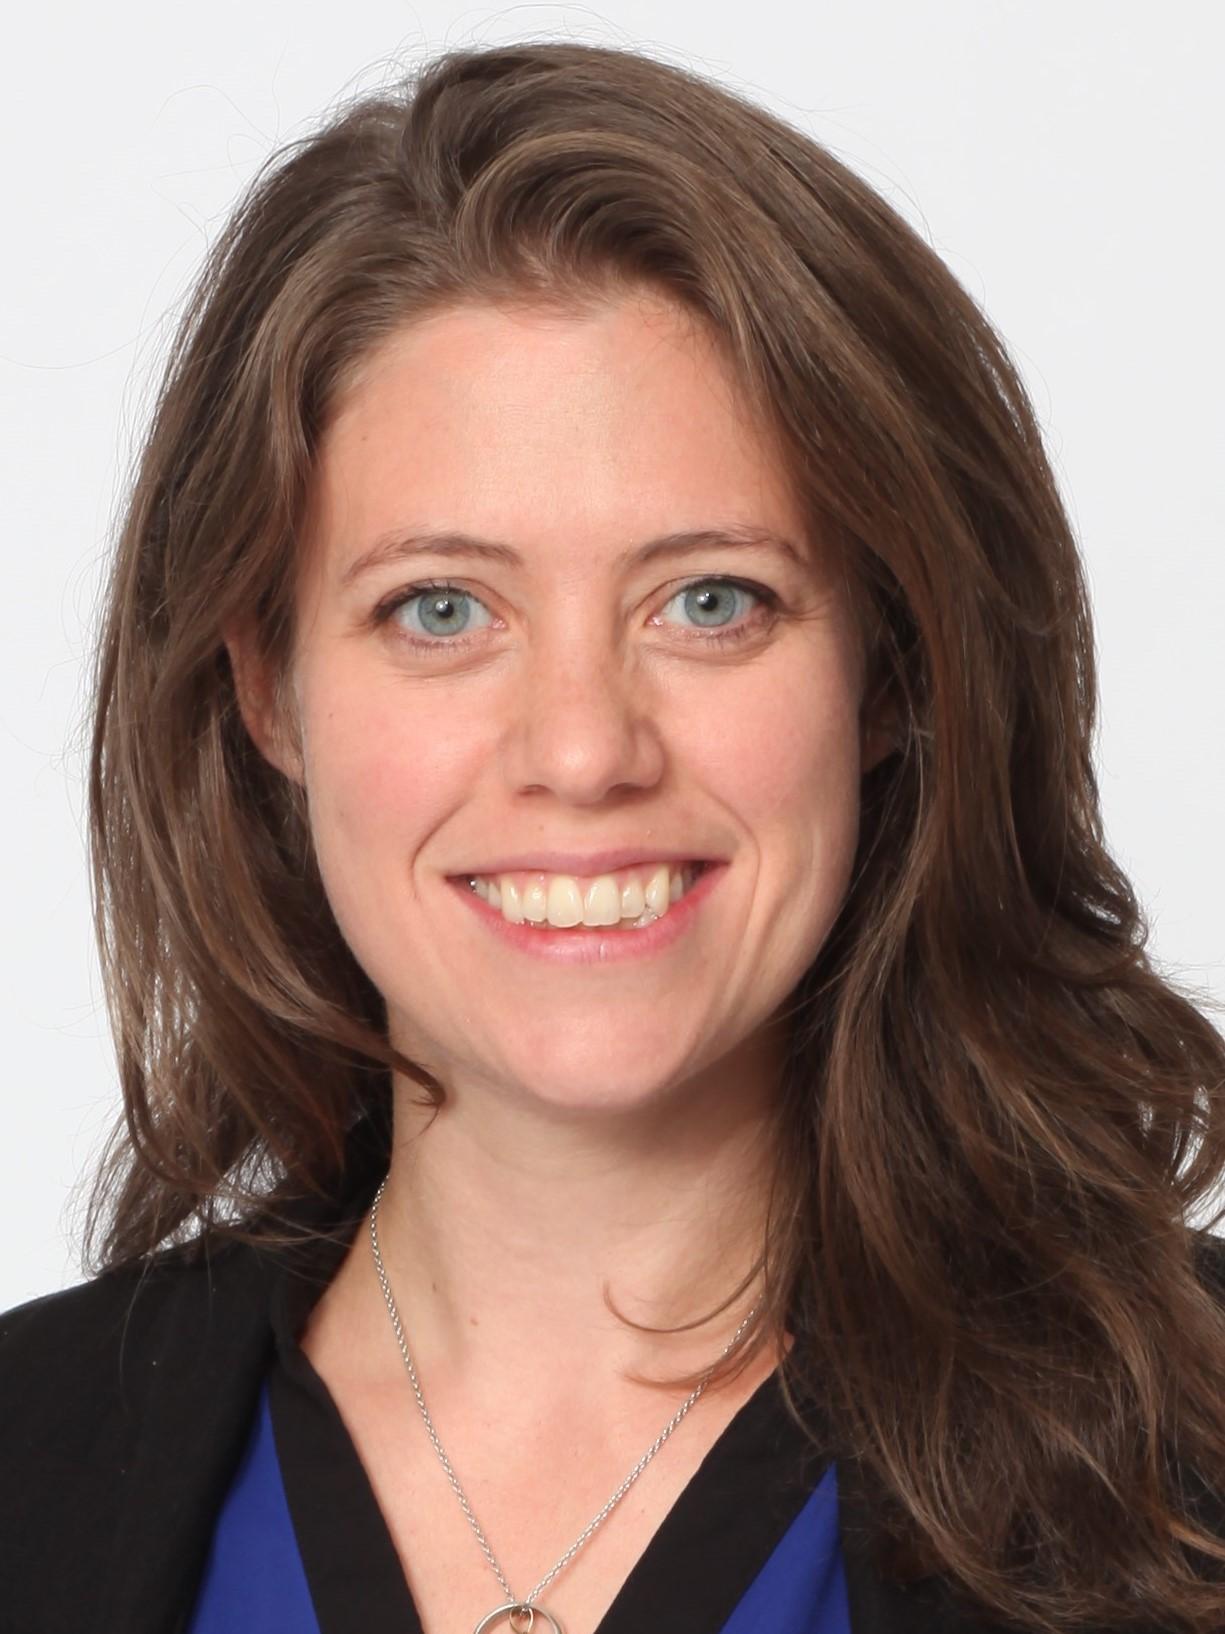 Sasha Steiner